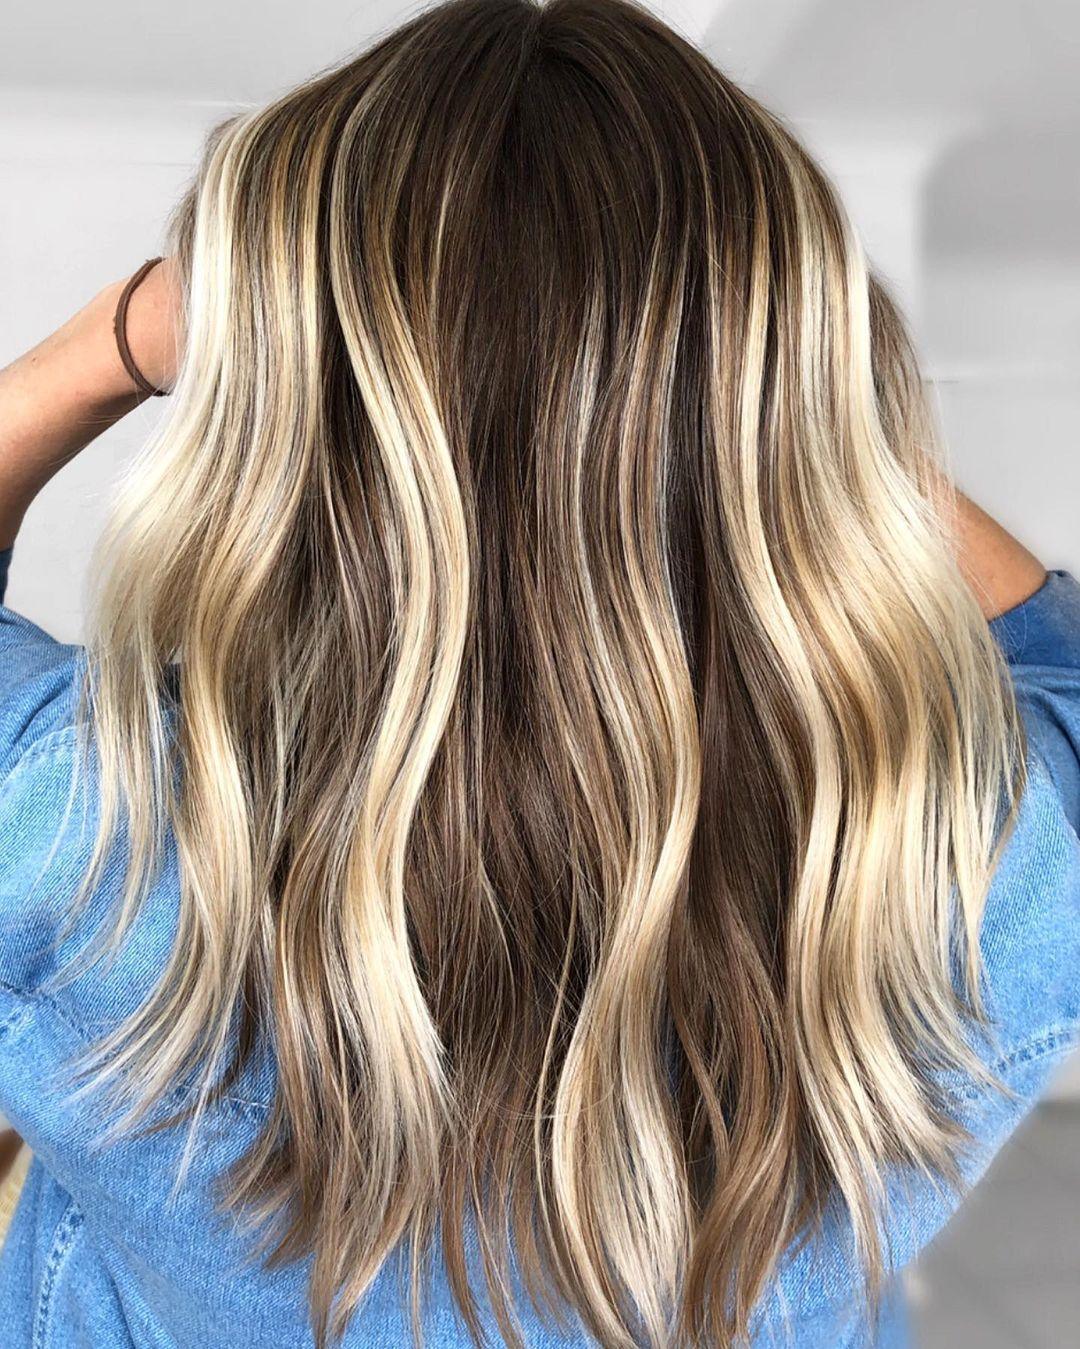 Brown Hair with Dimensional Blonde Streaks